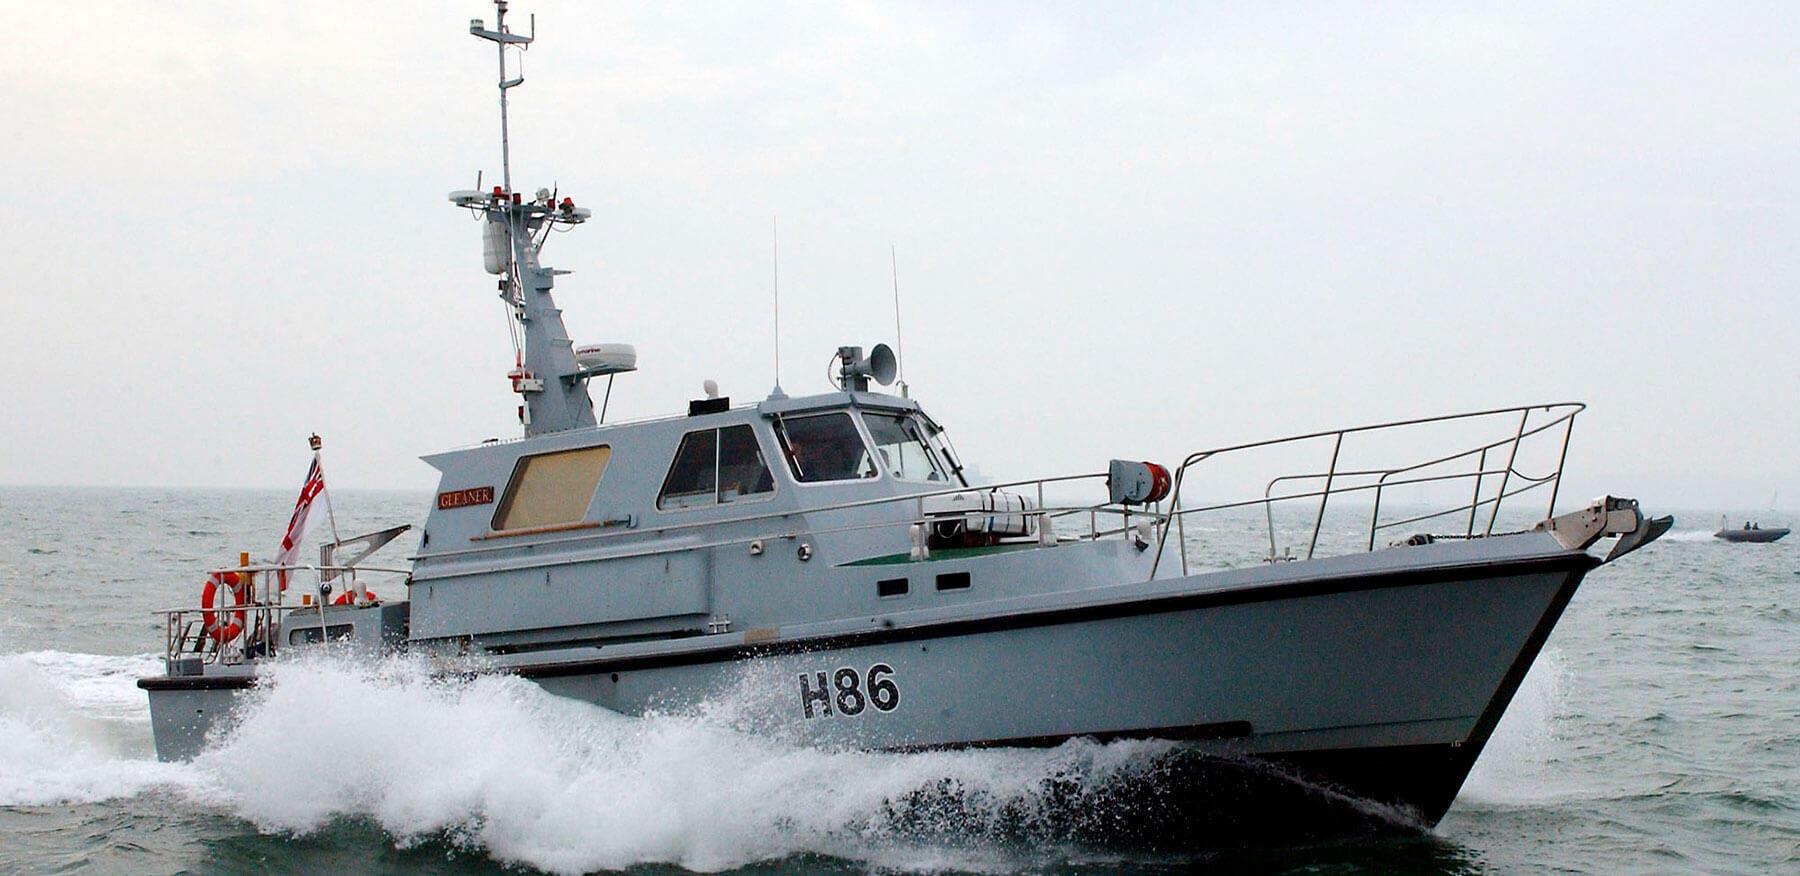 HMS Gleaner